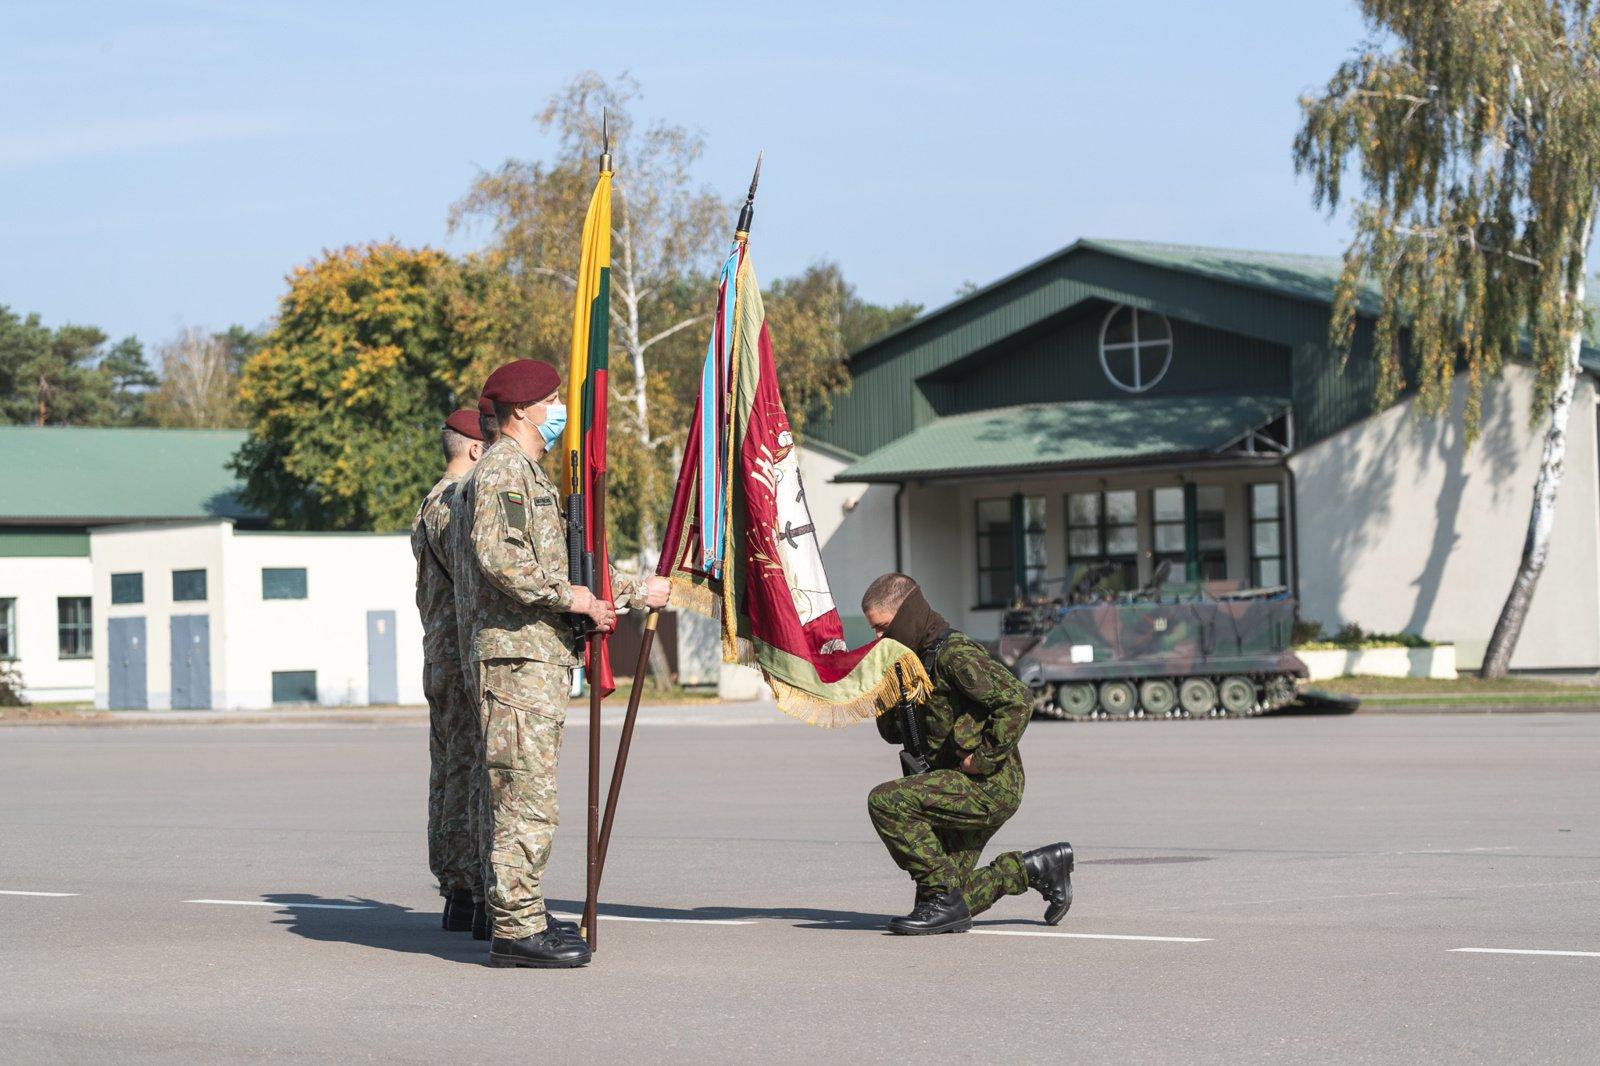 Lietuvai iškilmingai prisiekė 60 karių savanorių